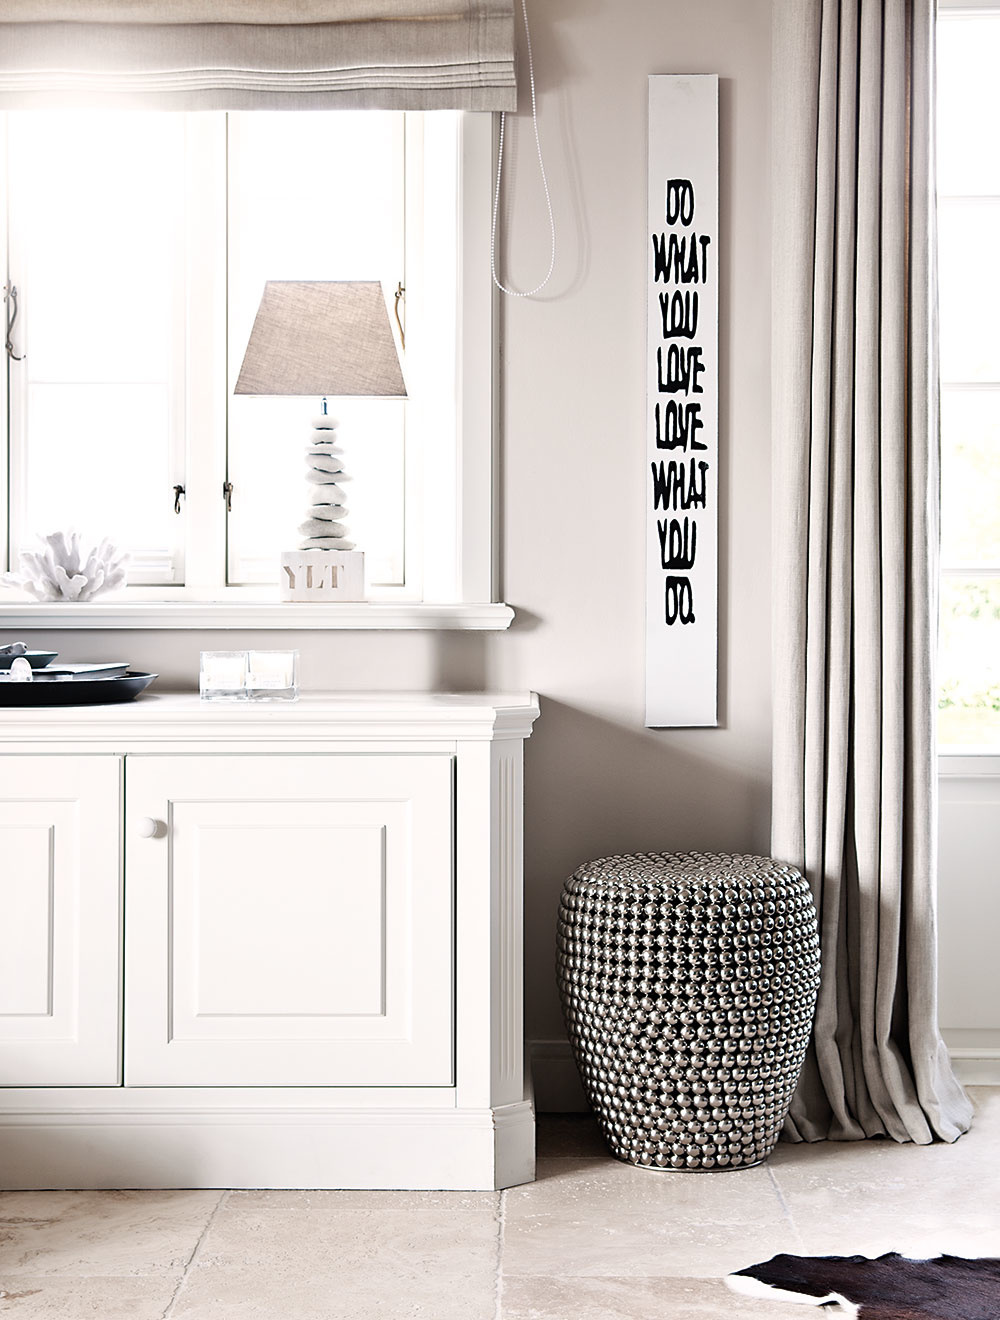 CHODBA, KUCHYŇA A JEDÁLEŇ sú zariadené svetlým nábytkom atlmenými farbami, tvoria kontrast k tmavej obývačke.